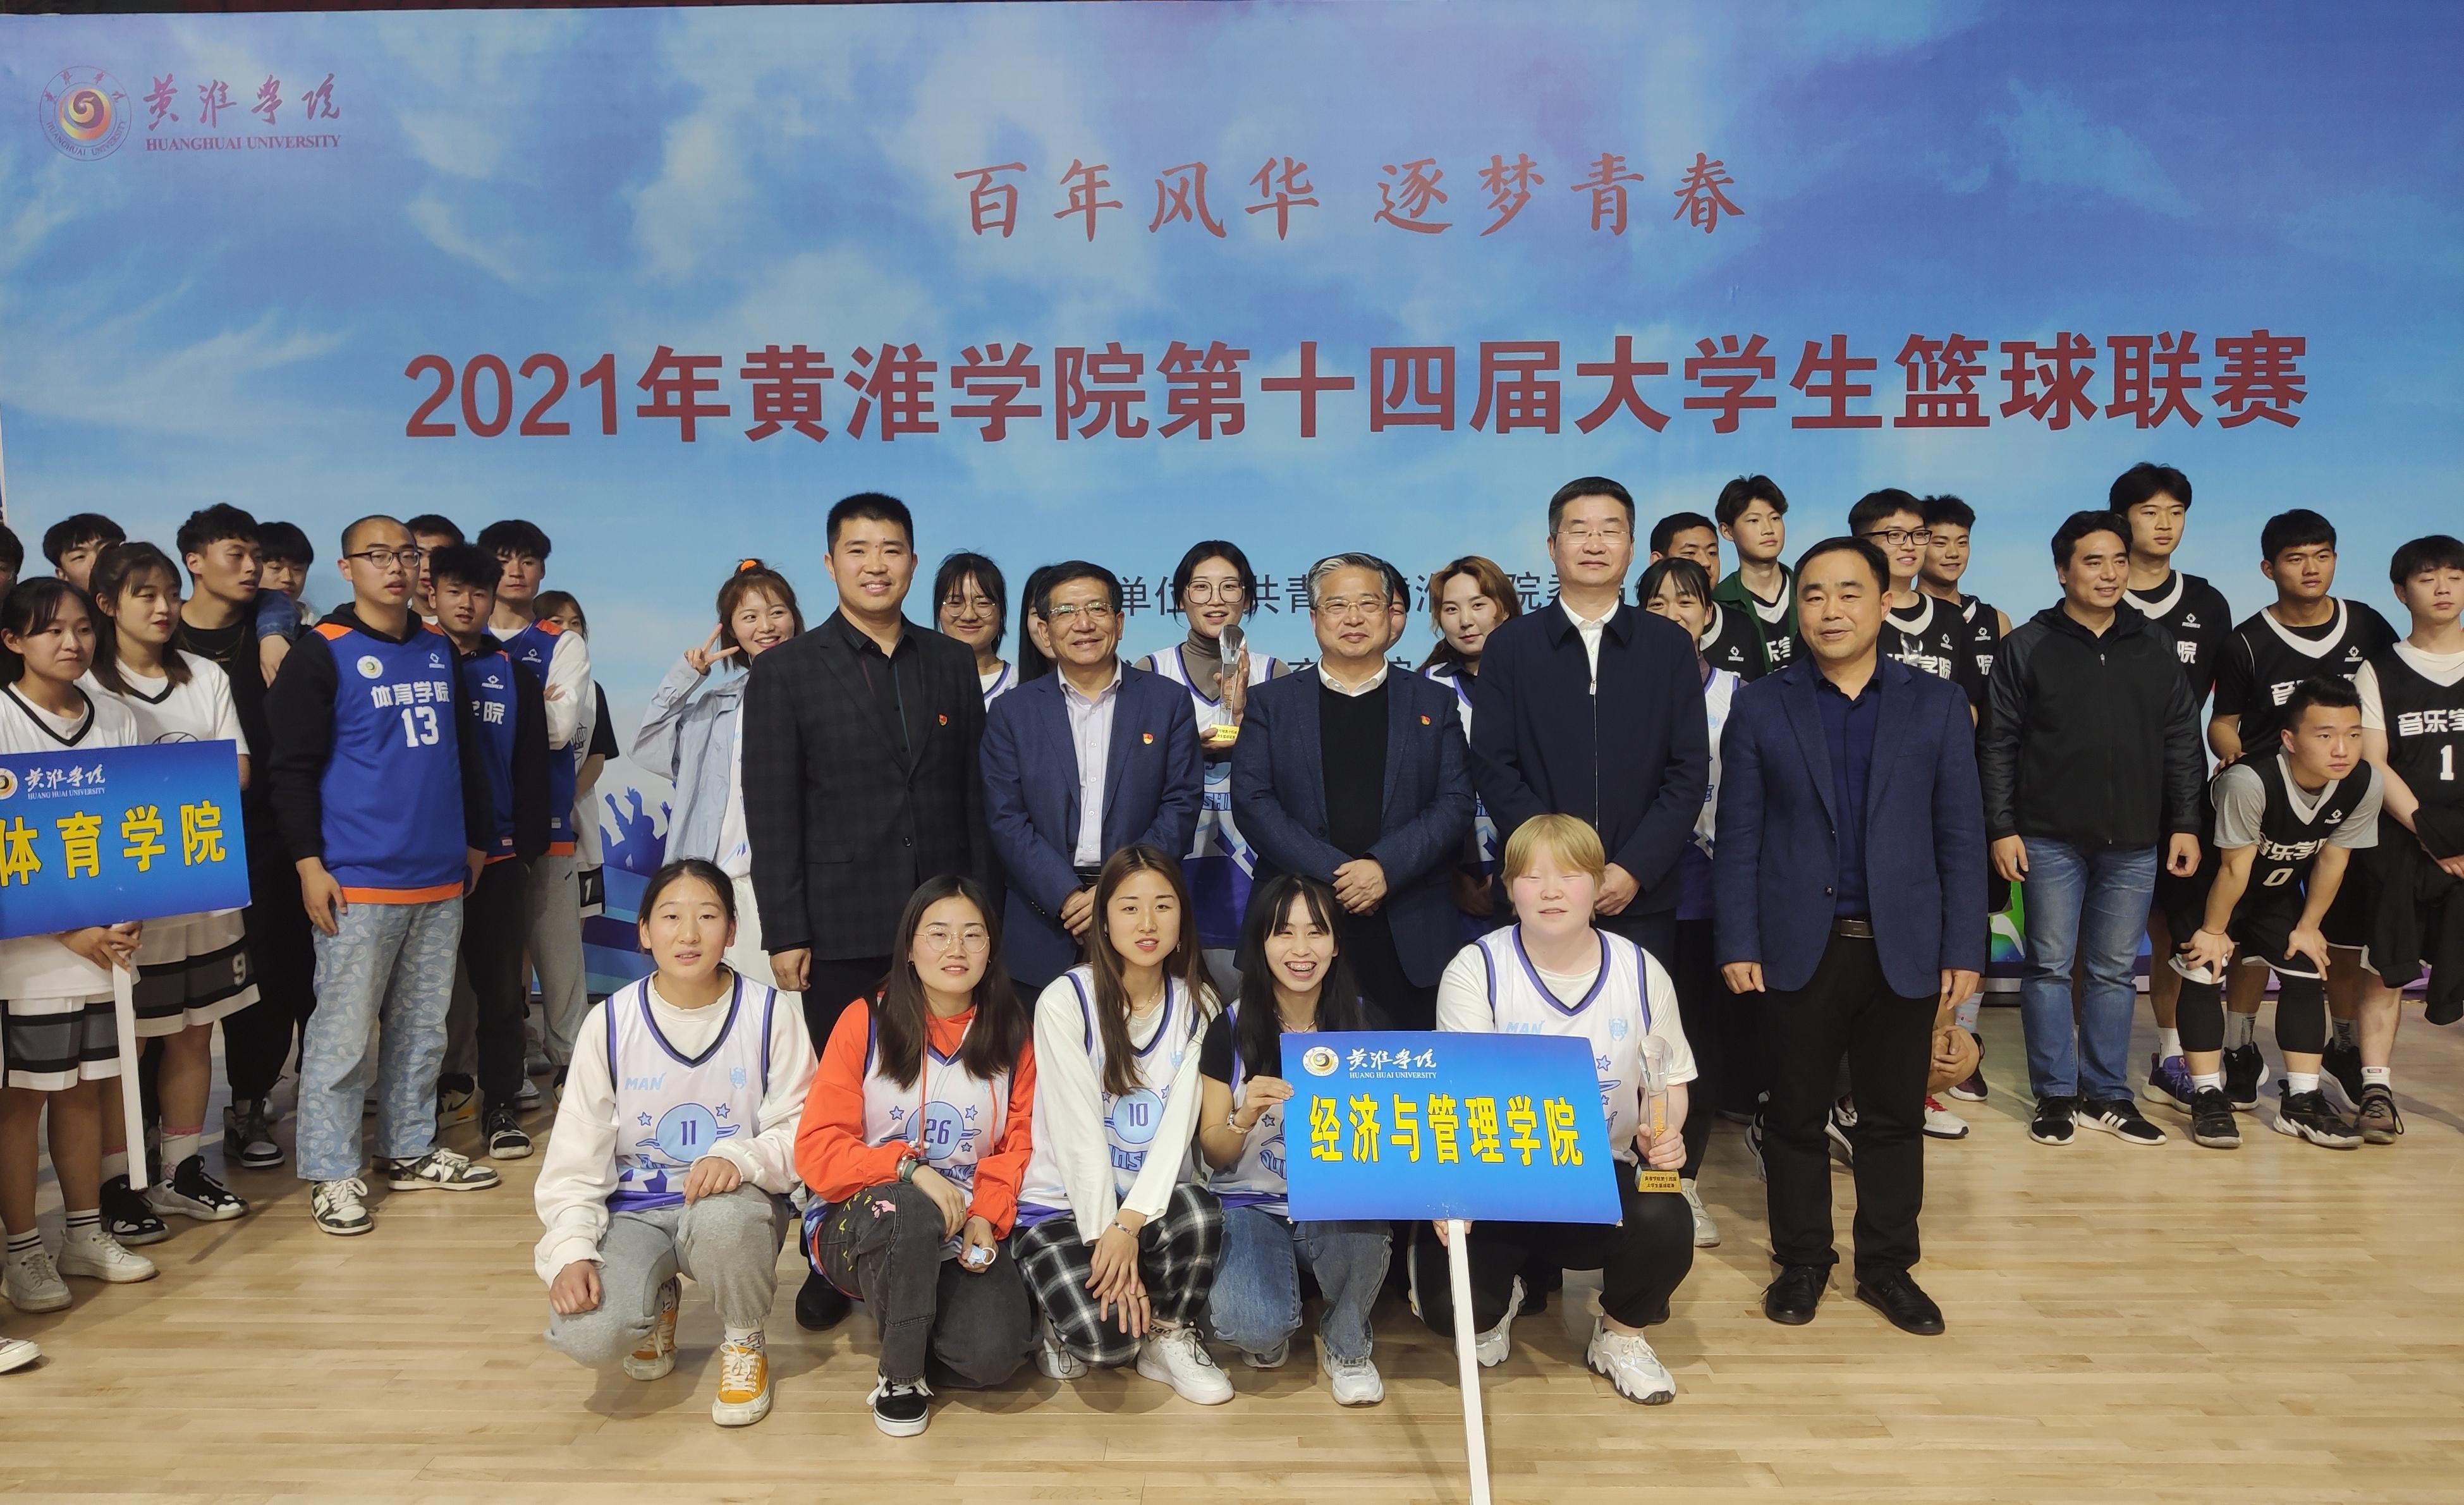 经济与管理学院在黄淮学院第十四届大学生篮球赛上斩获佳绩